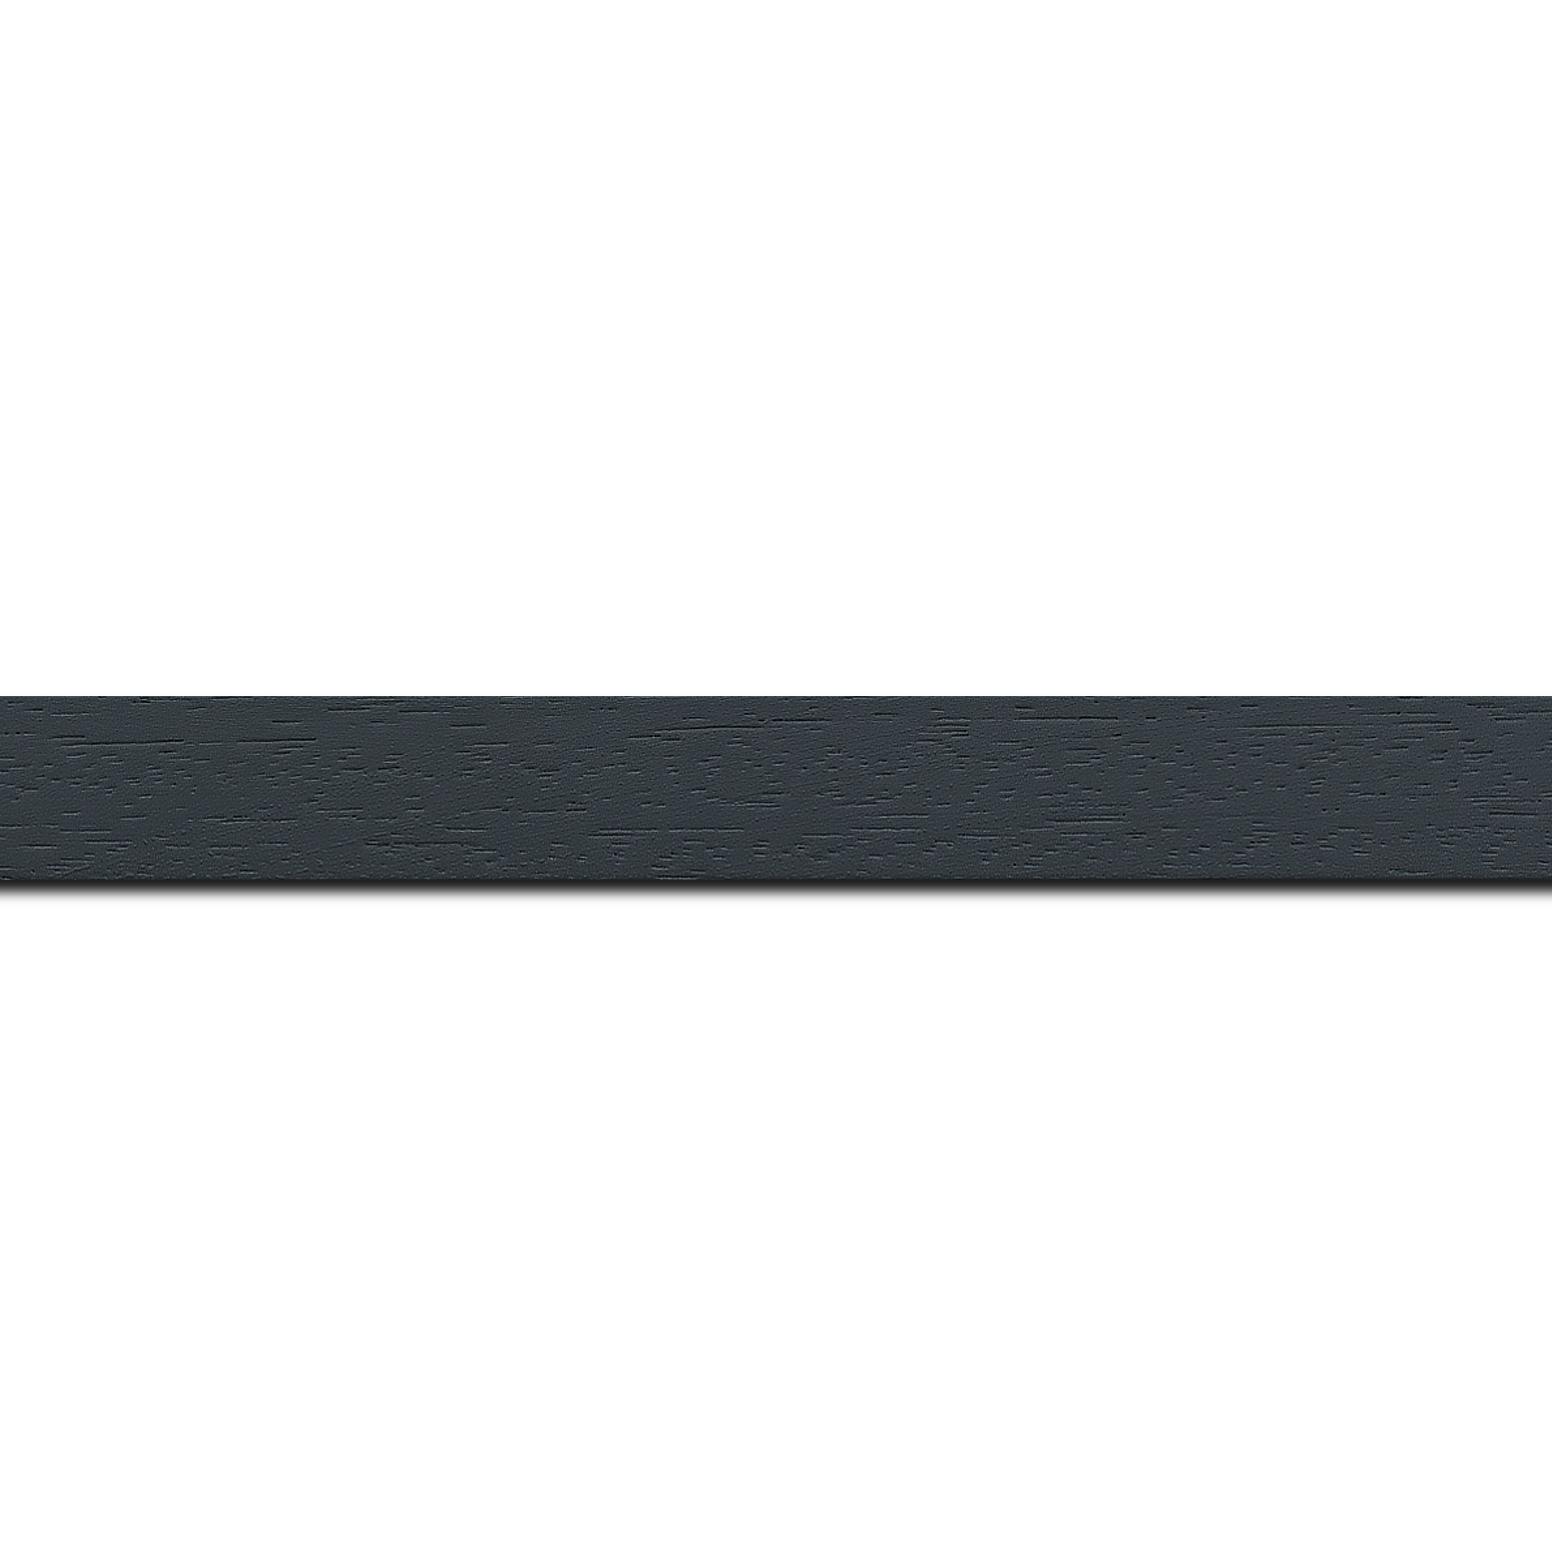 Pack par 12m, bois profil plat largeur 2cm hauteur 3.3cm couleur gris foncé satiné (aussi appelé cache clou)(longueur baguette pouvant varier entre 2.40m et 3m selon arrivage des bois)